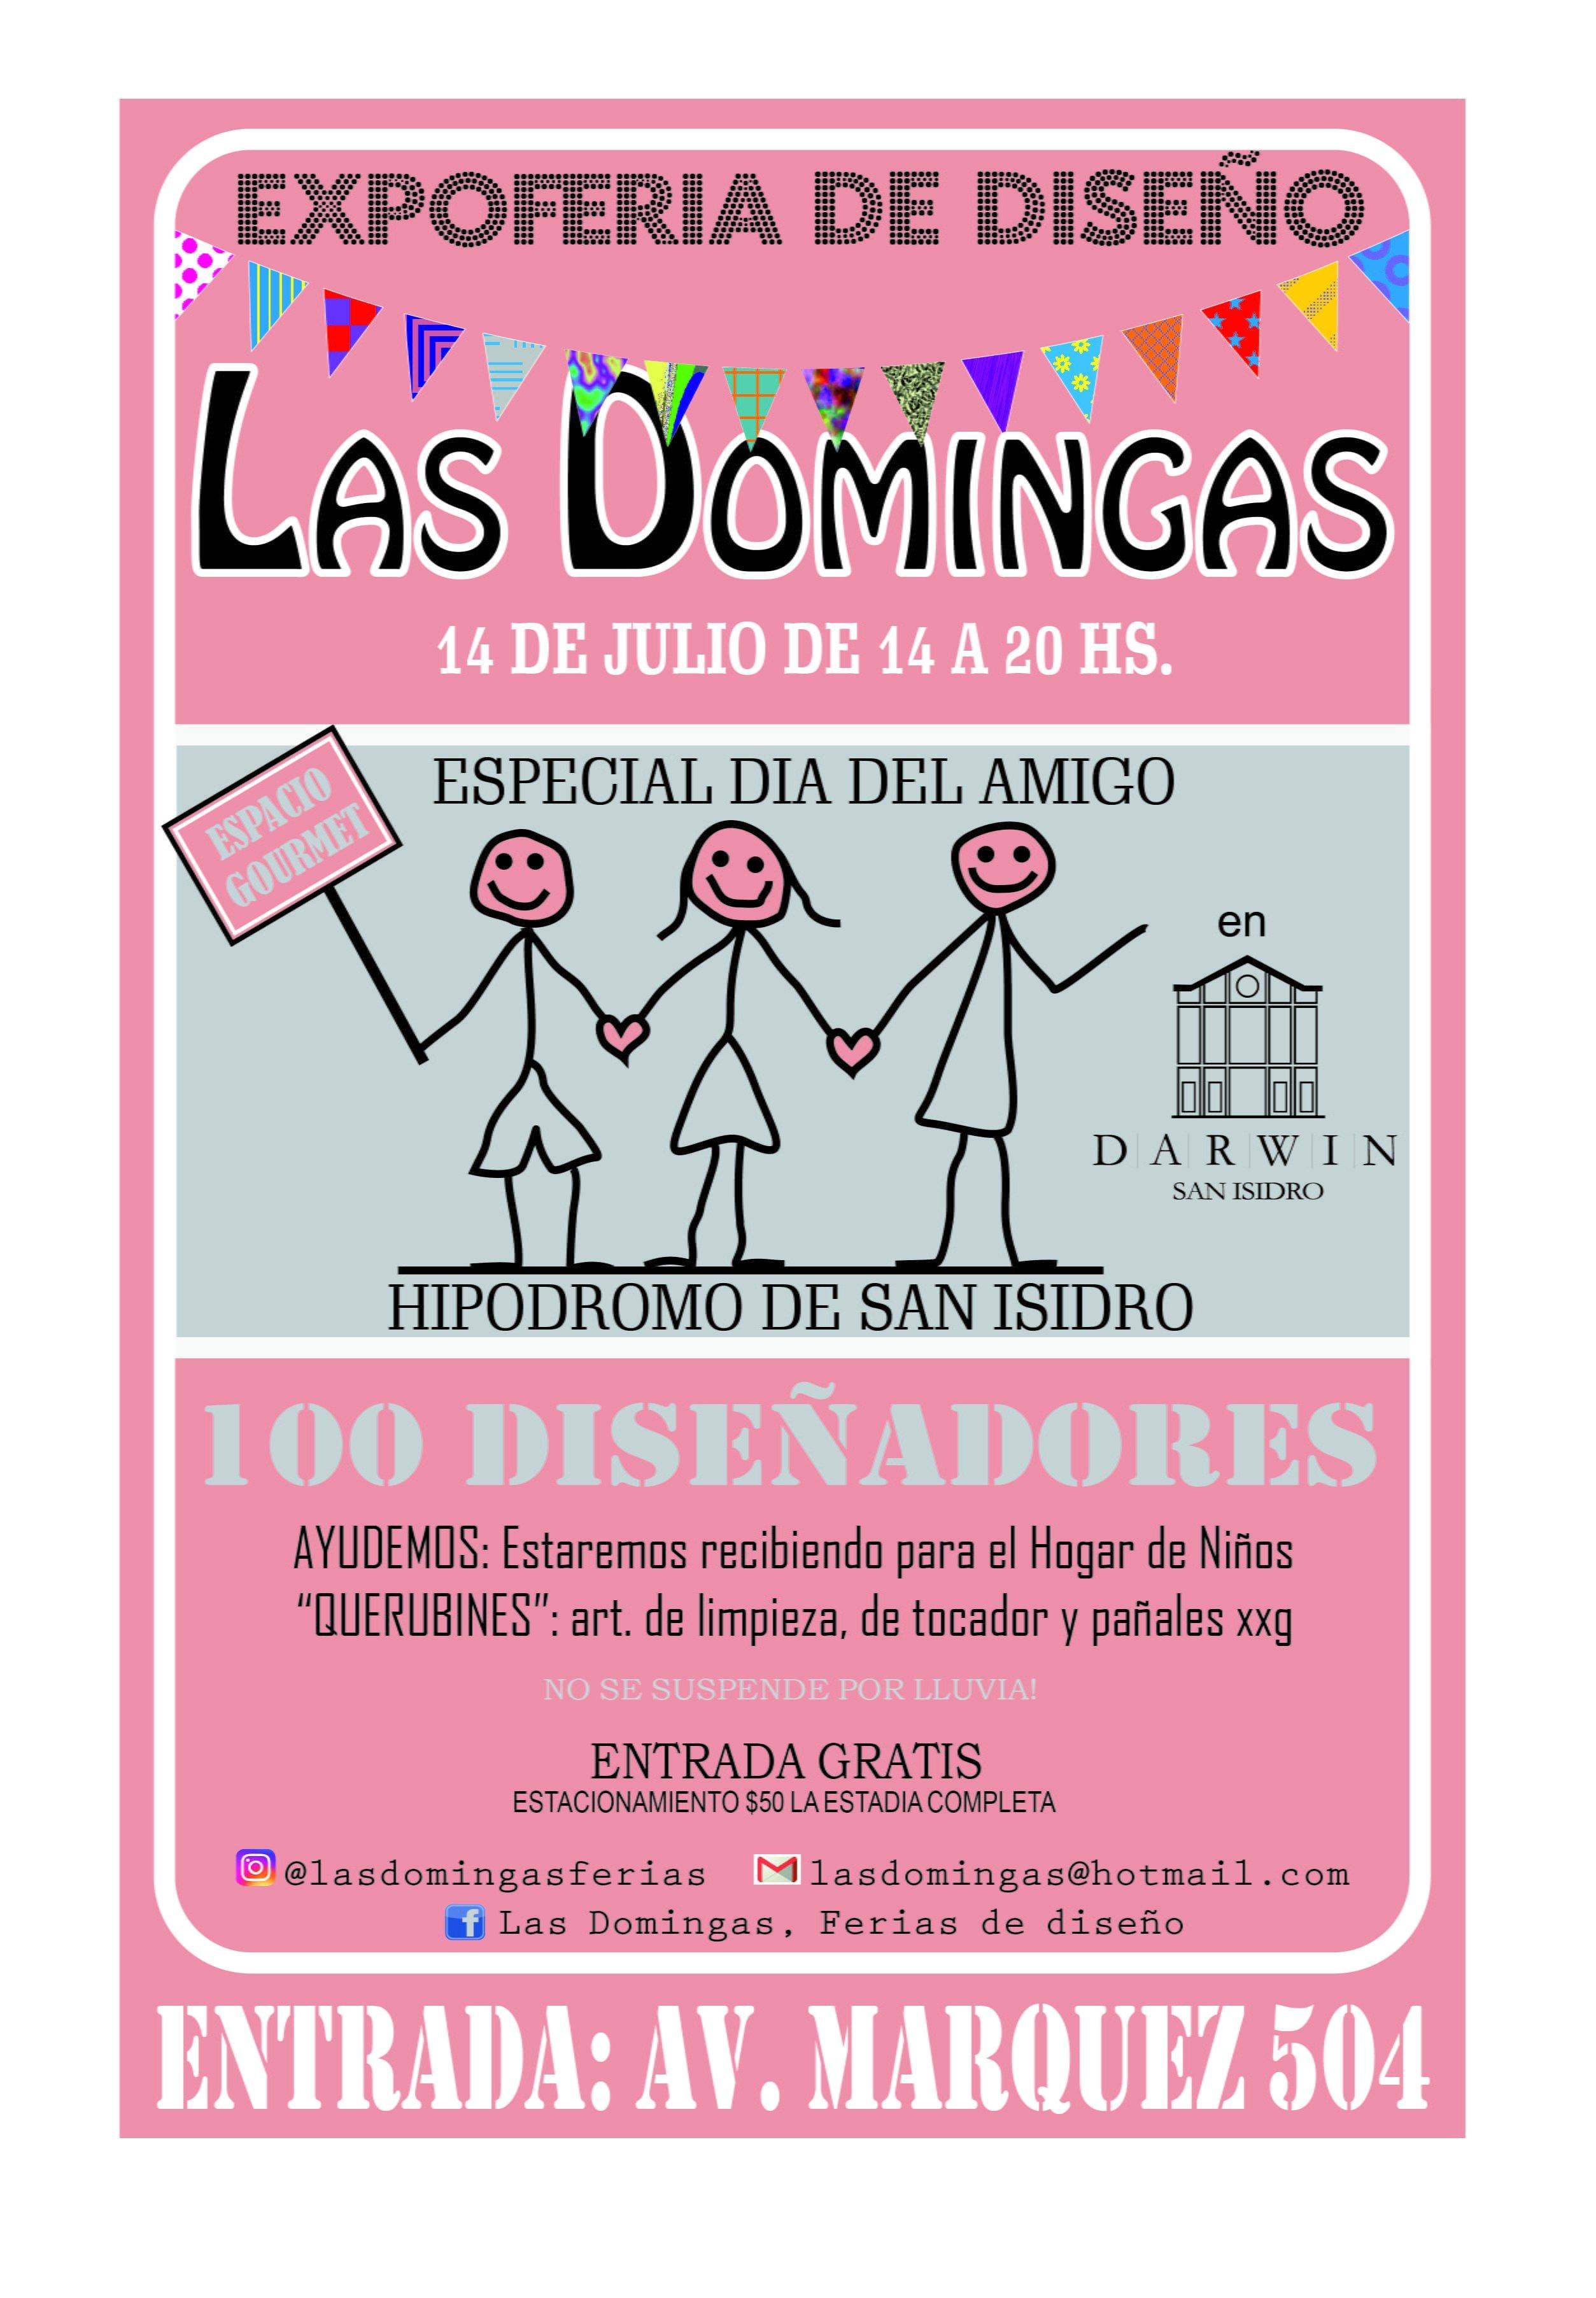 flyer-las-domingas-julio-2019